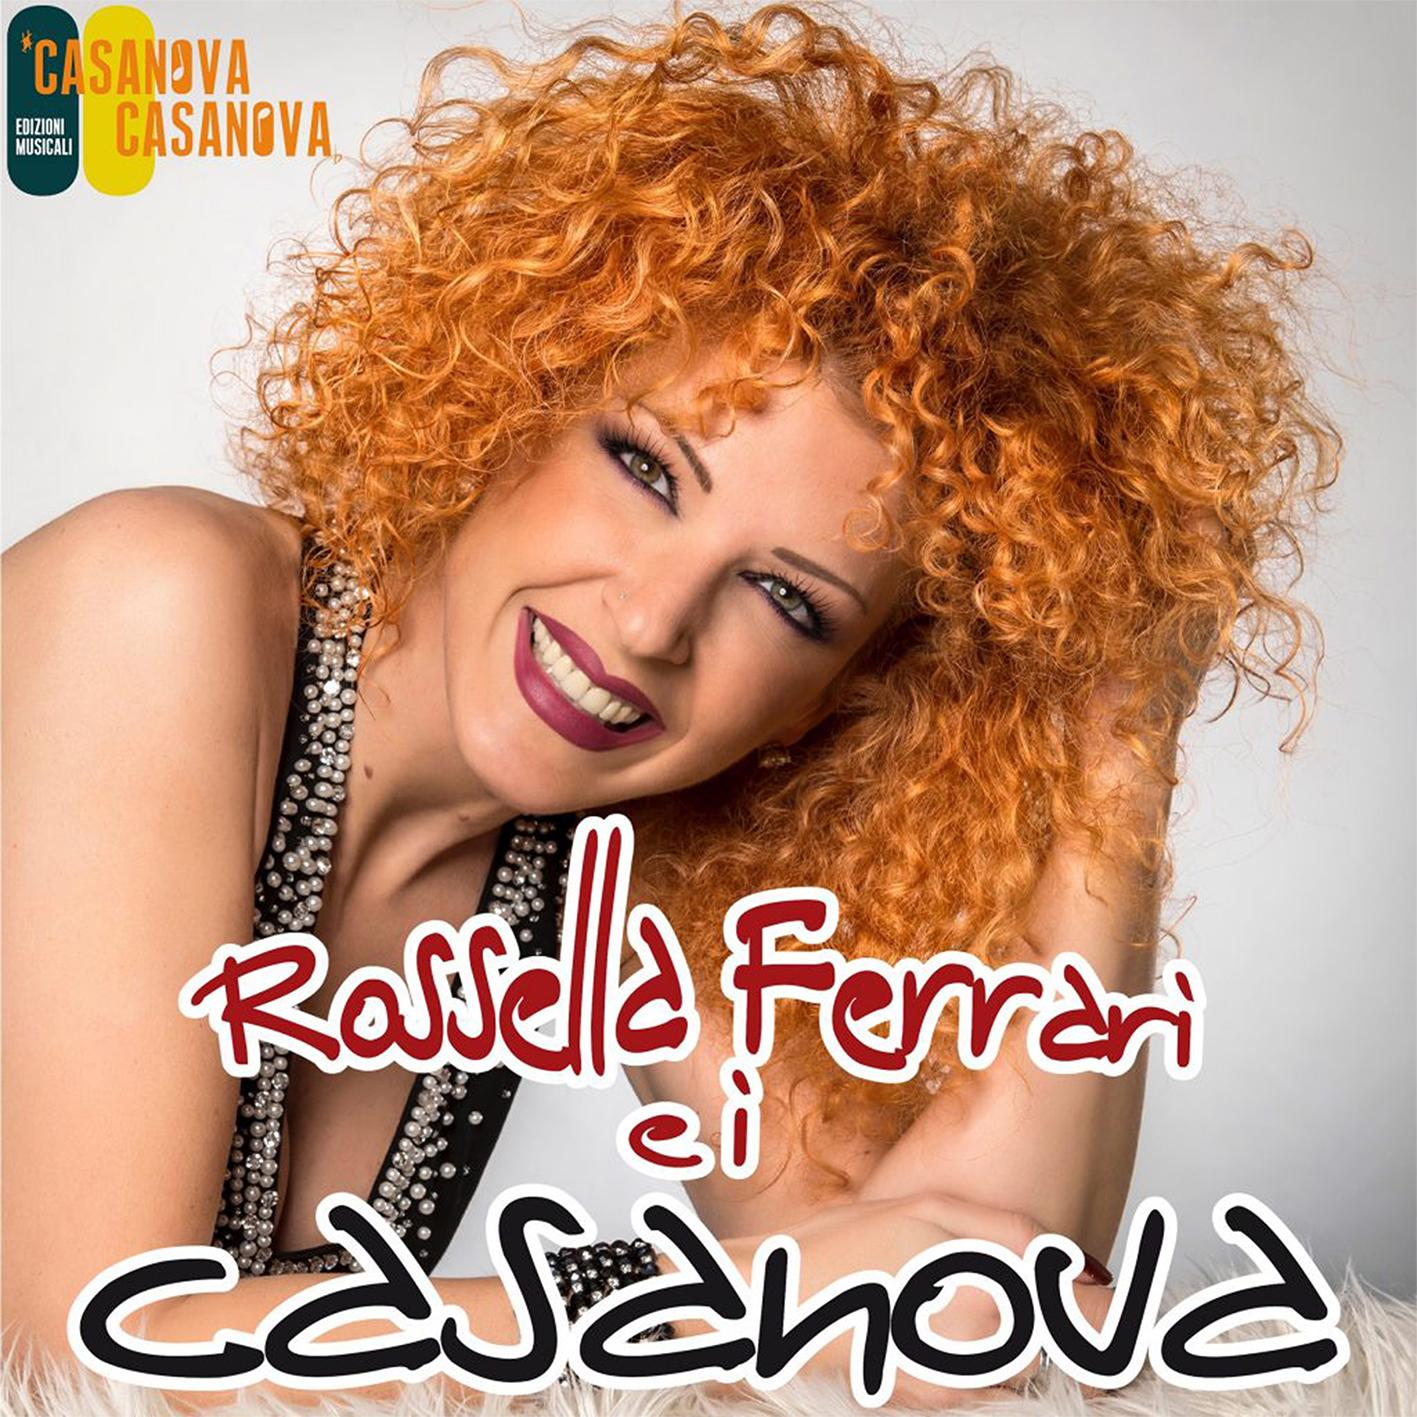 Rossella Ferrari e i Casanova